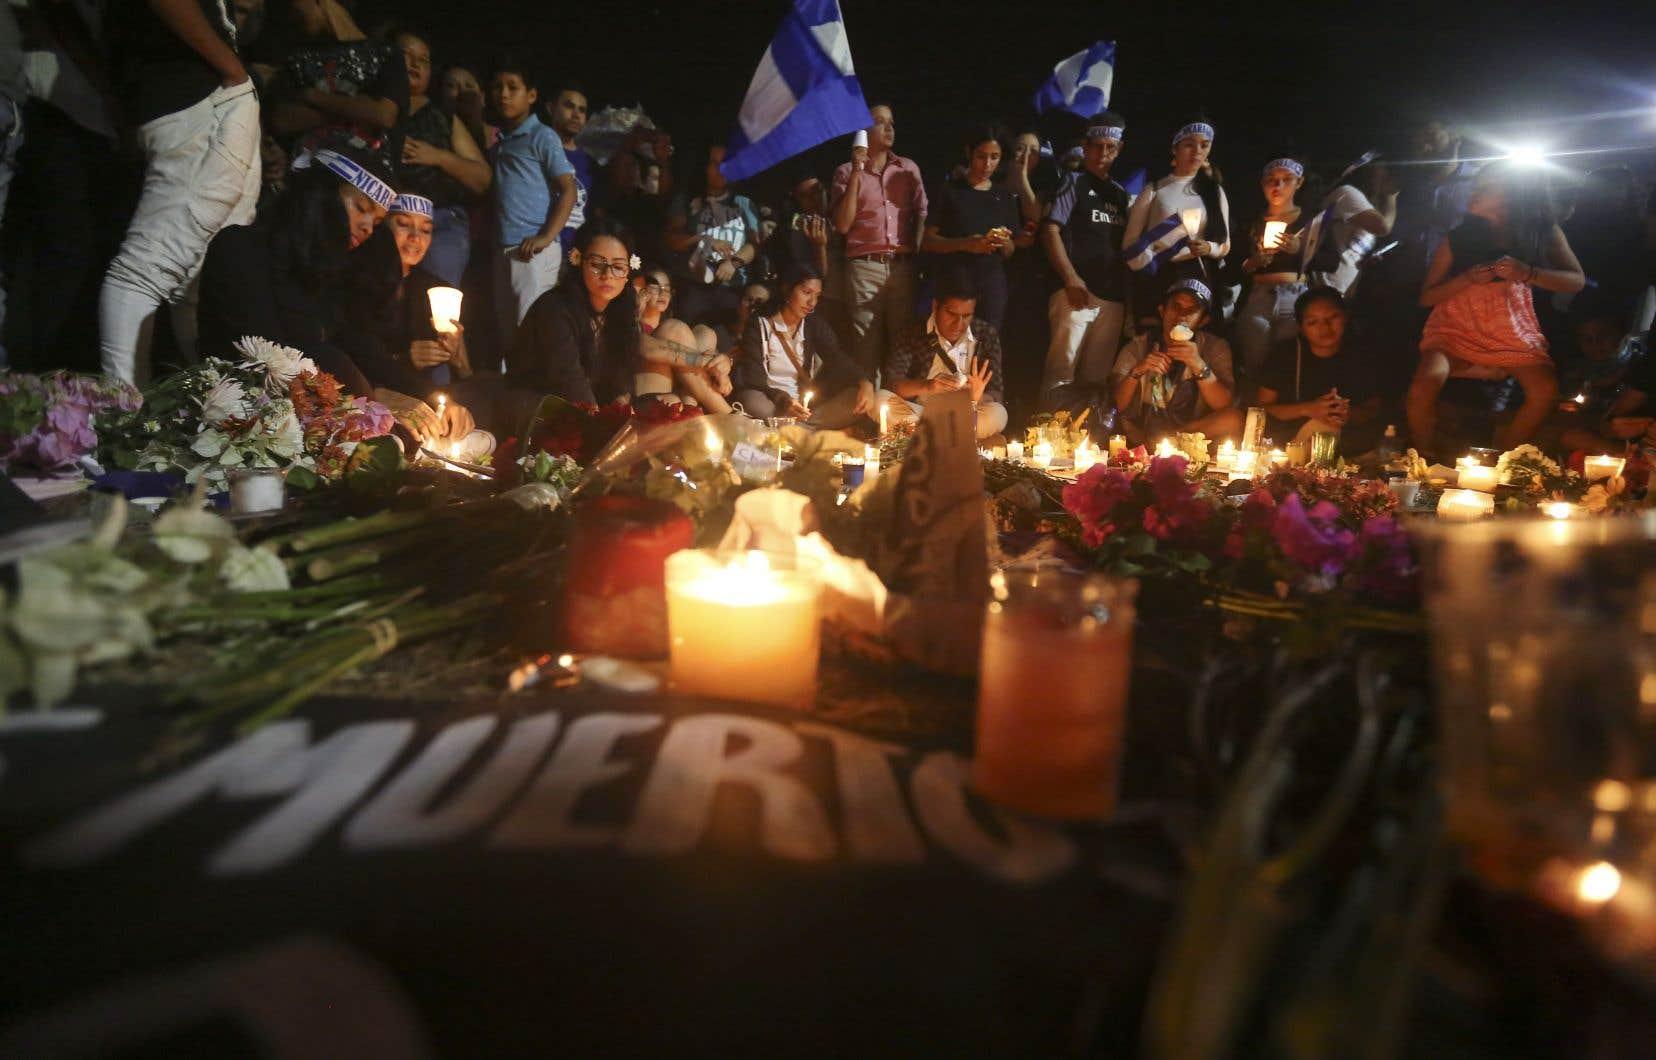 Une veillée aux chandelles, mercredi soir. Le dernier bilan fait état de 34 morts, en majorité des étudiants, en une semaine de manifestations violentes.